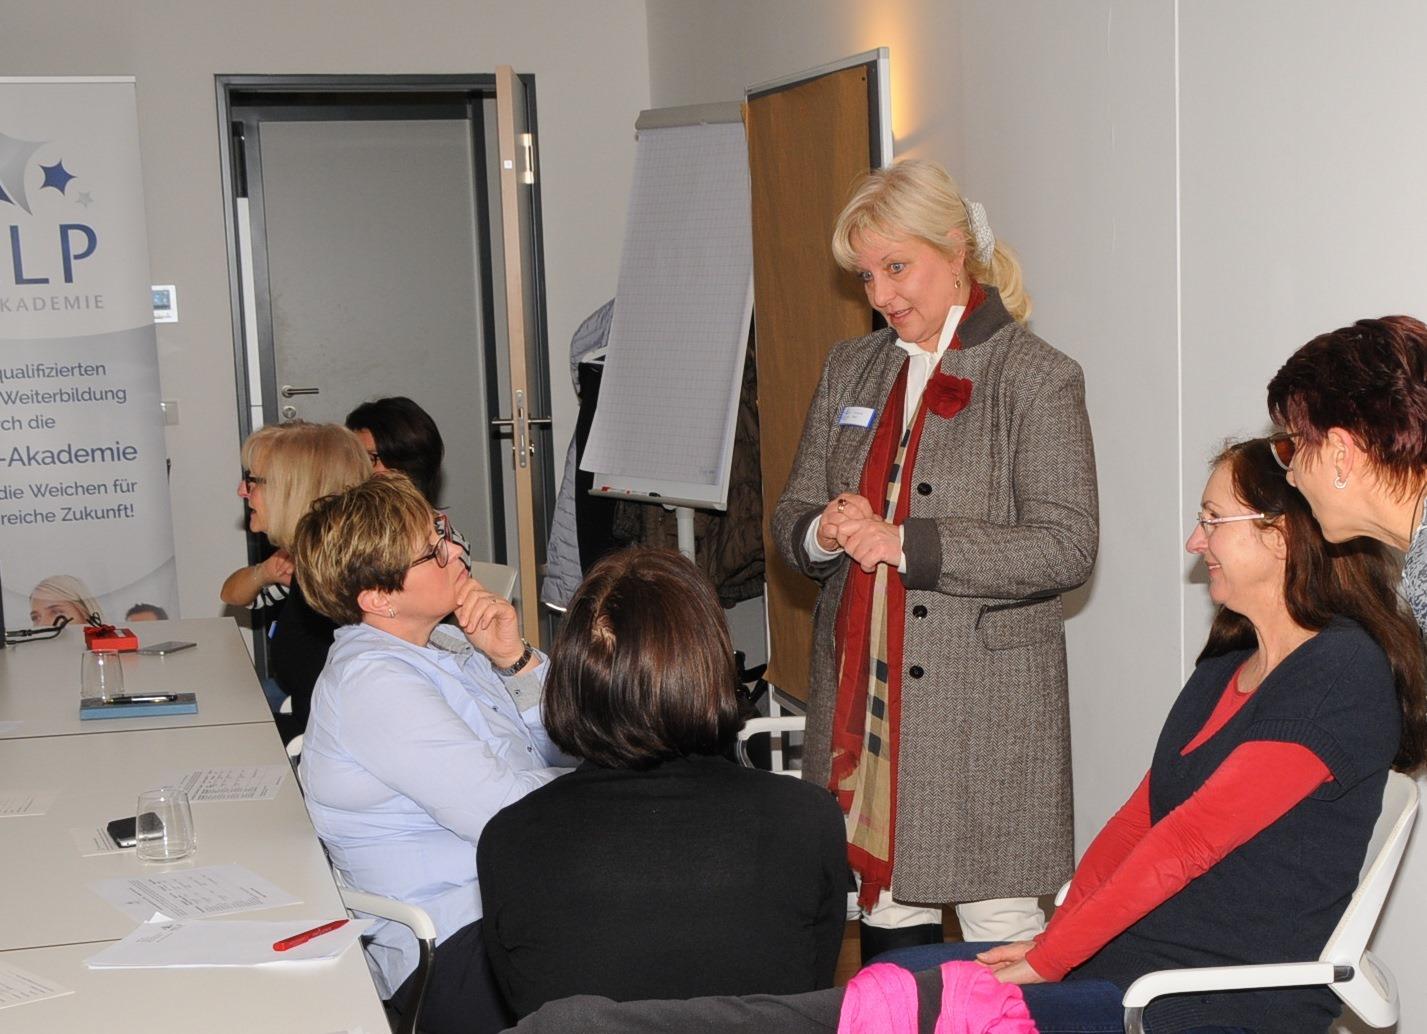 Help-Akademie: Senioren-Assistenten Ausbildung auf hohem Niveau